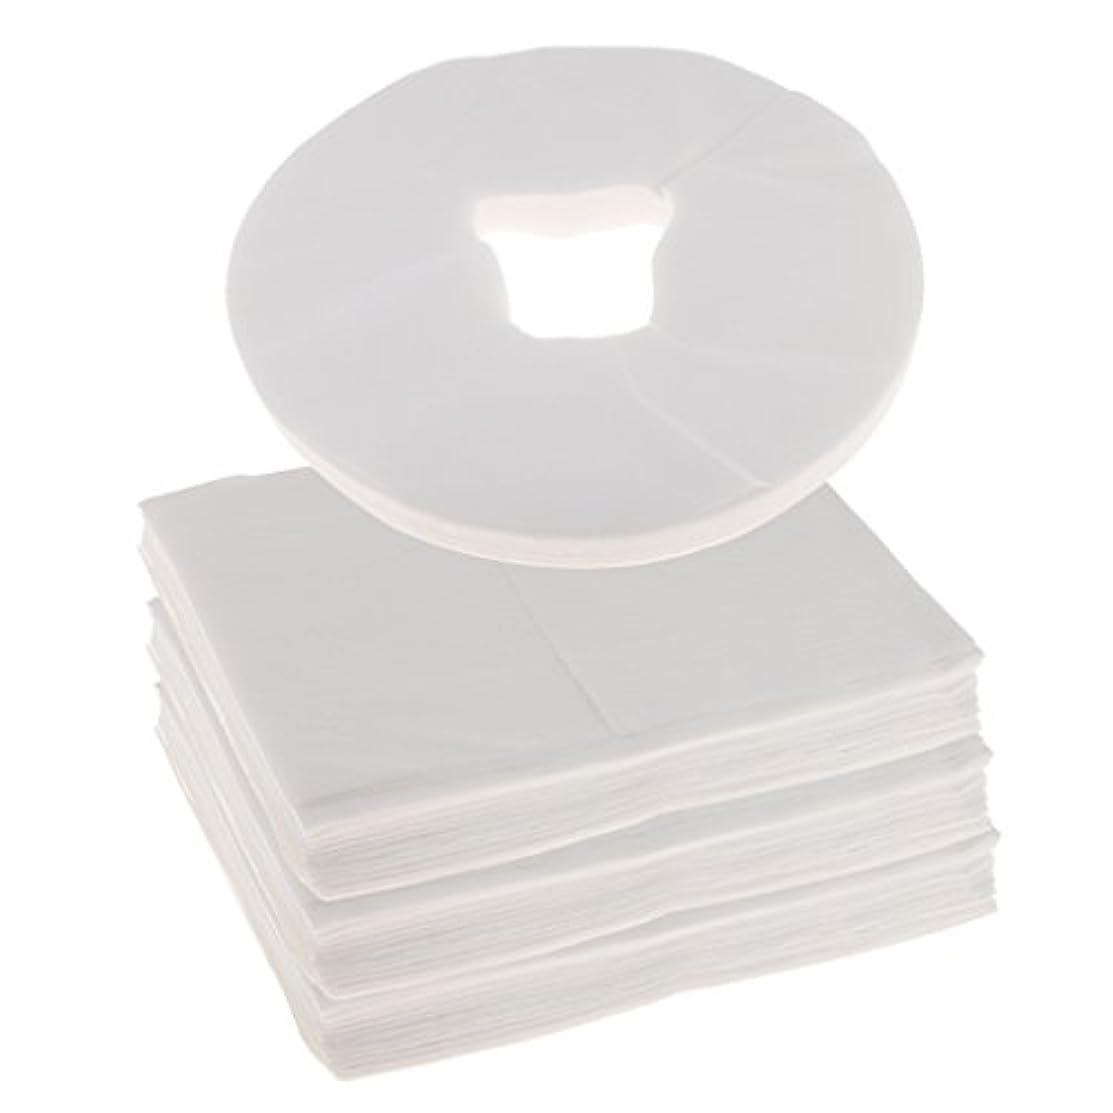 ガラガラ郵便ポータルBaoblaze 使い捨て フェイスクレードルカバー ピローカバー クッションカバー ベッドシーツ 高品質 便利 スキンケア